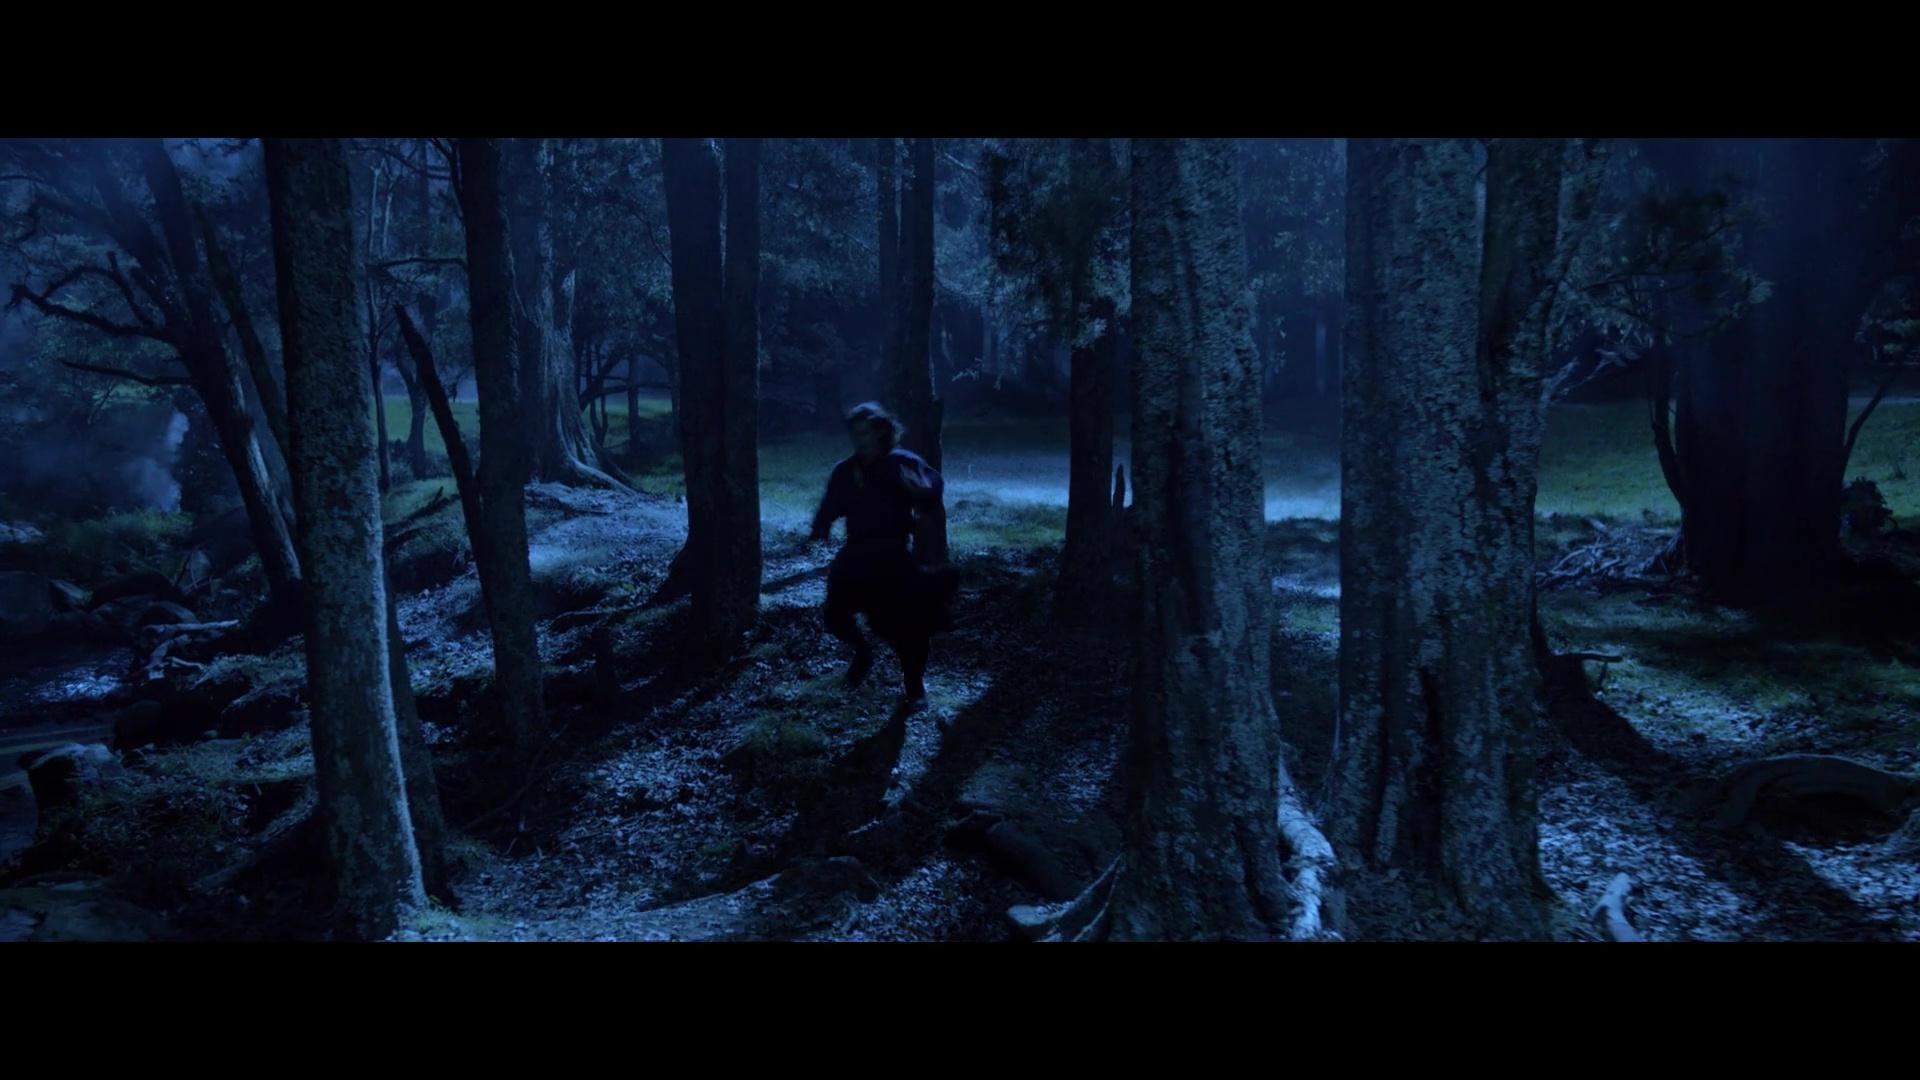 El Tigre Y El Dragon La Espada Del Destino 1080p Lat-Cast-Ing 5.1 (2016)